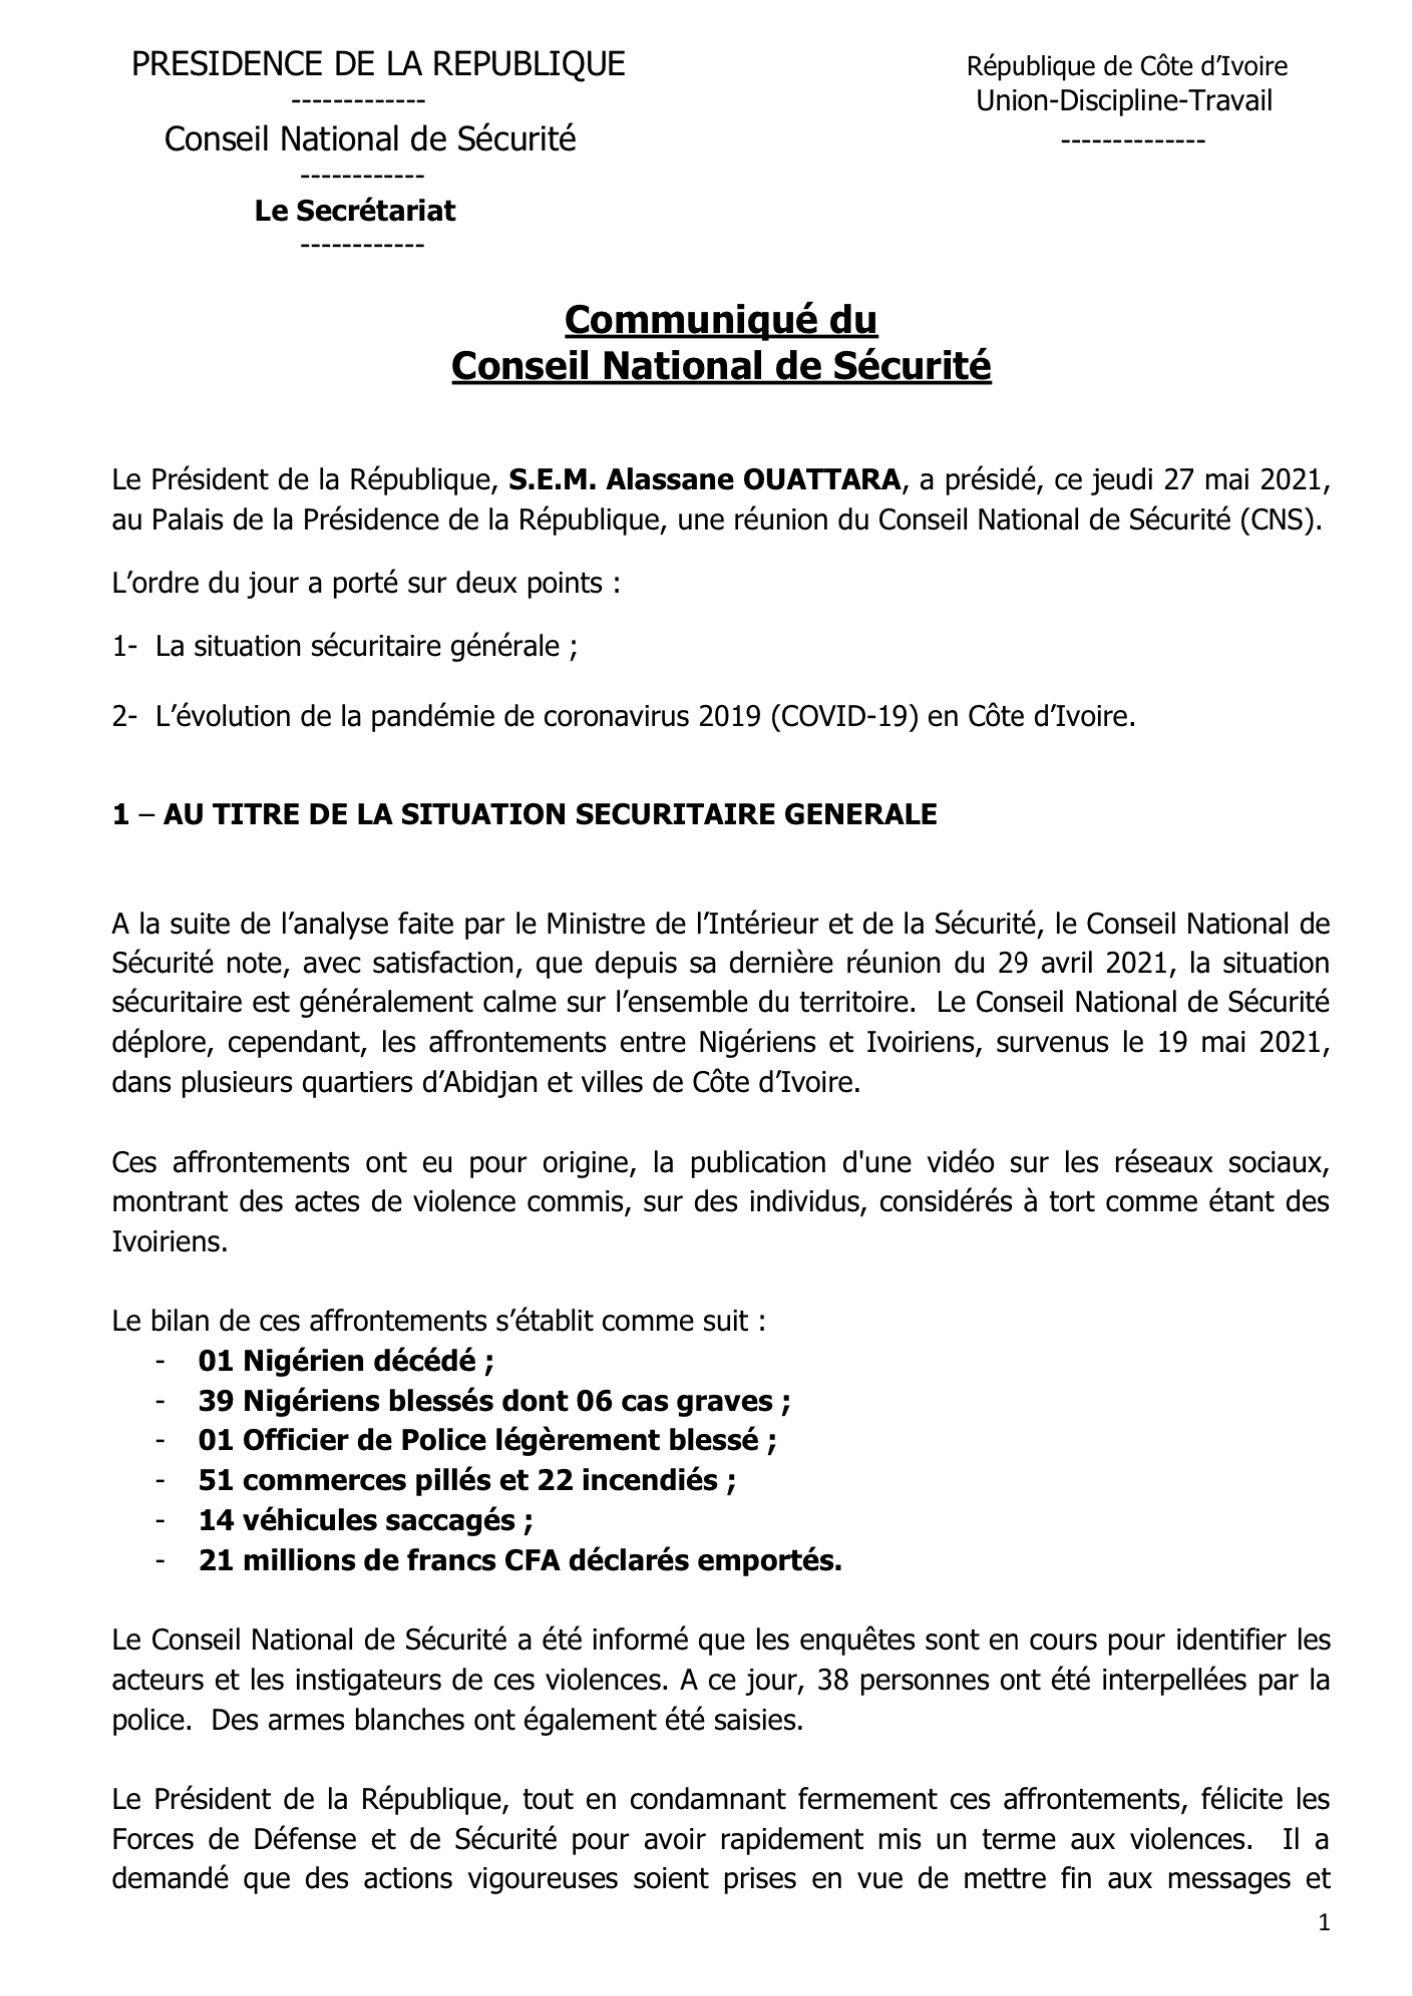 Côte d'Ivoire-Violences contre les Nigériens/ Voici le bilan définitif et ce qui se prépare